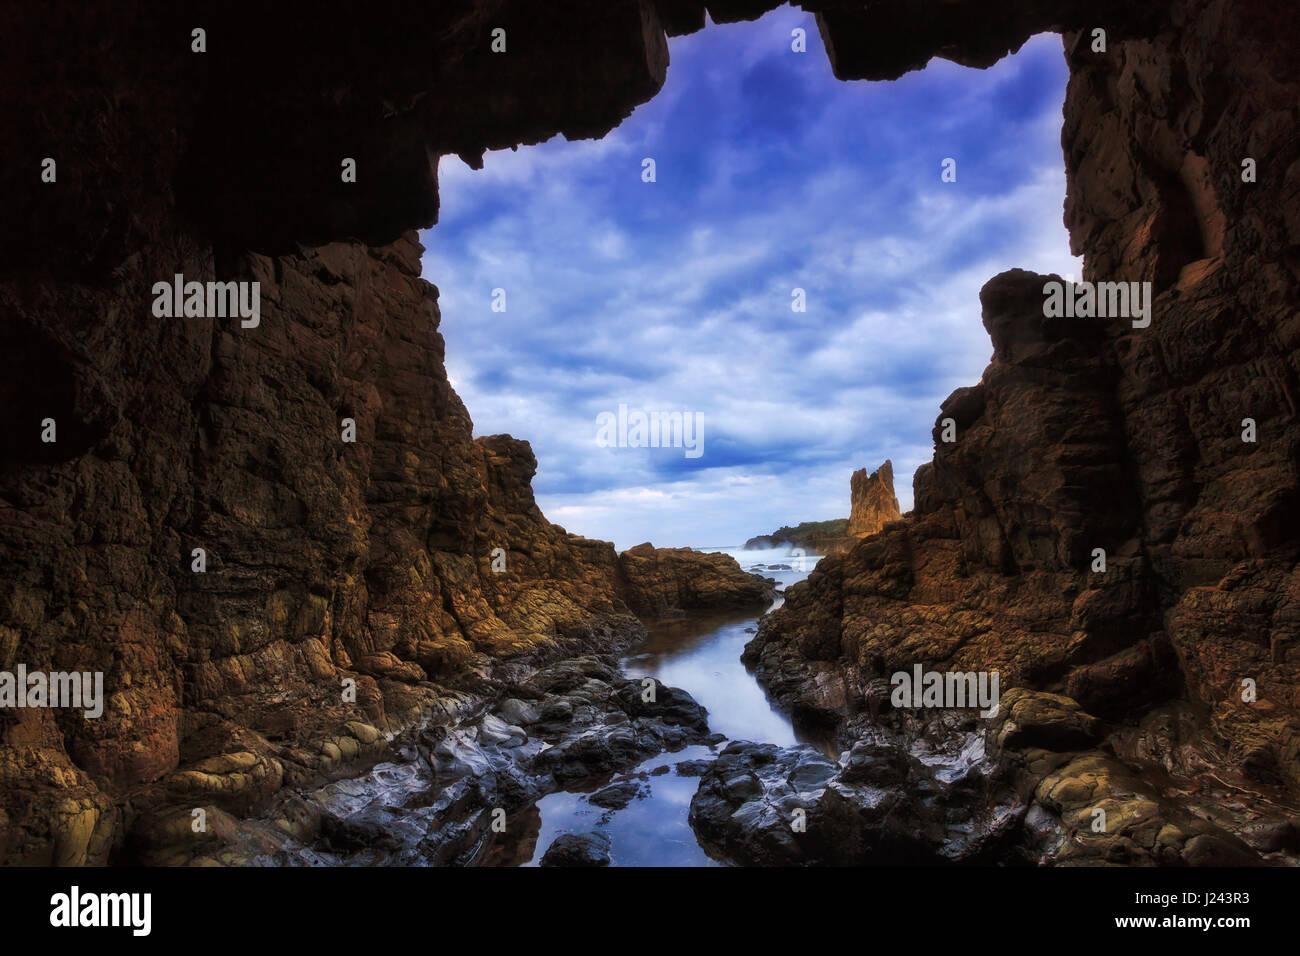 Grotta rocciosa verso il mare aperto al tramonto vicino Bombo beach e Cattedrale rocce della costa del Pacifico Immagini Stock